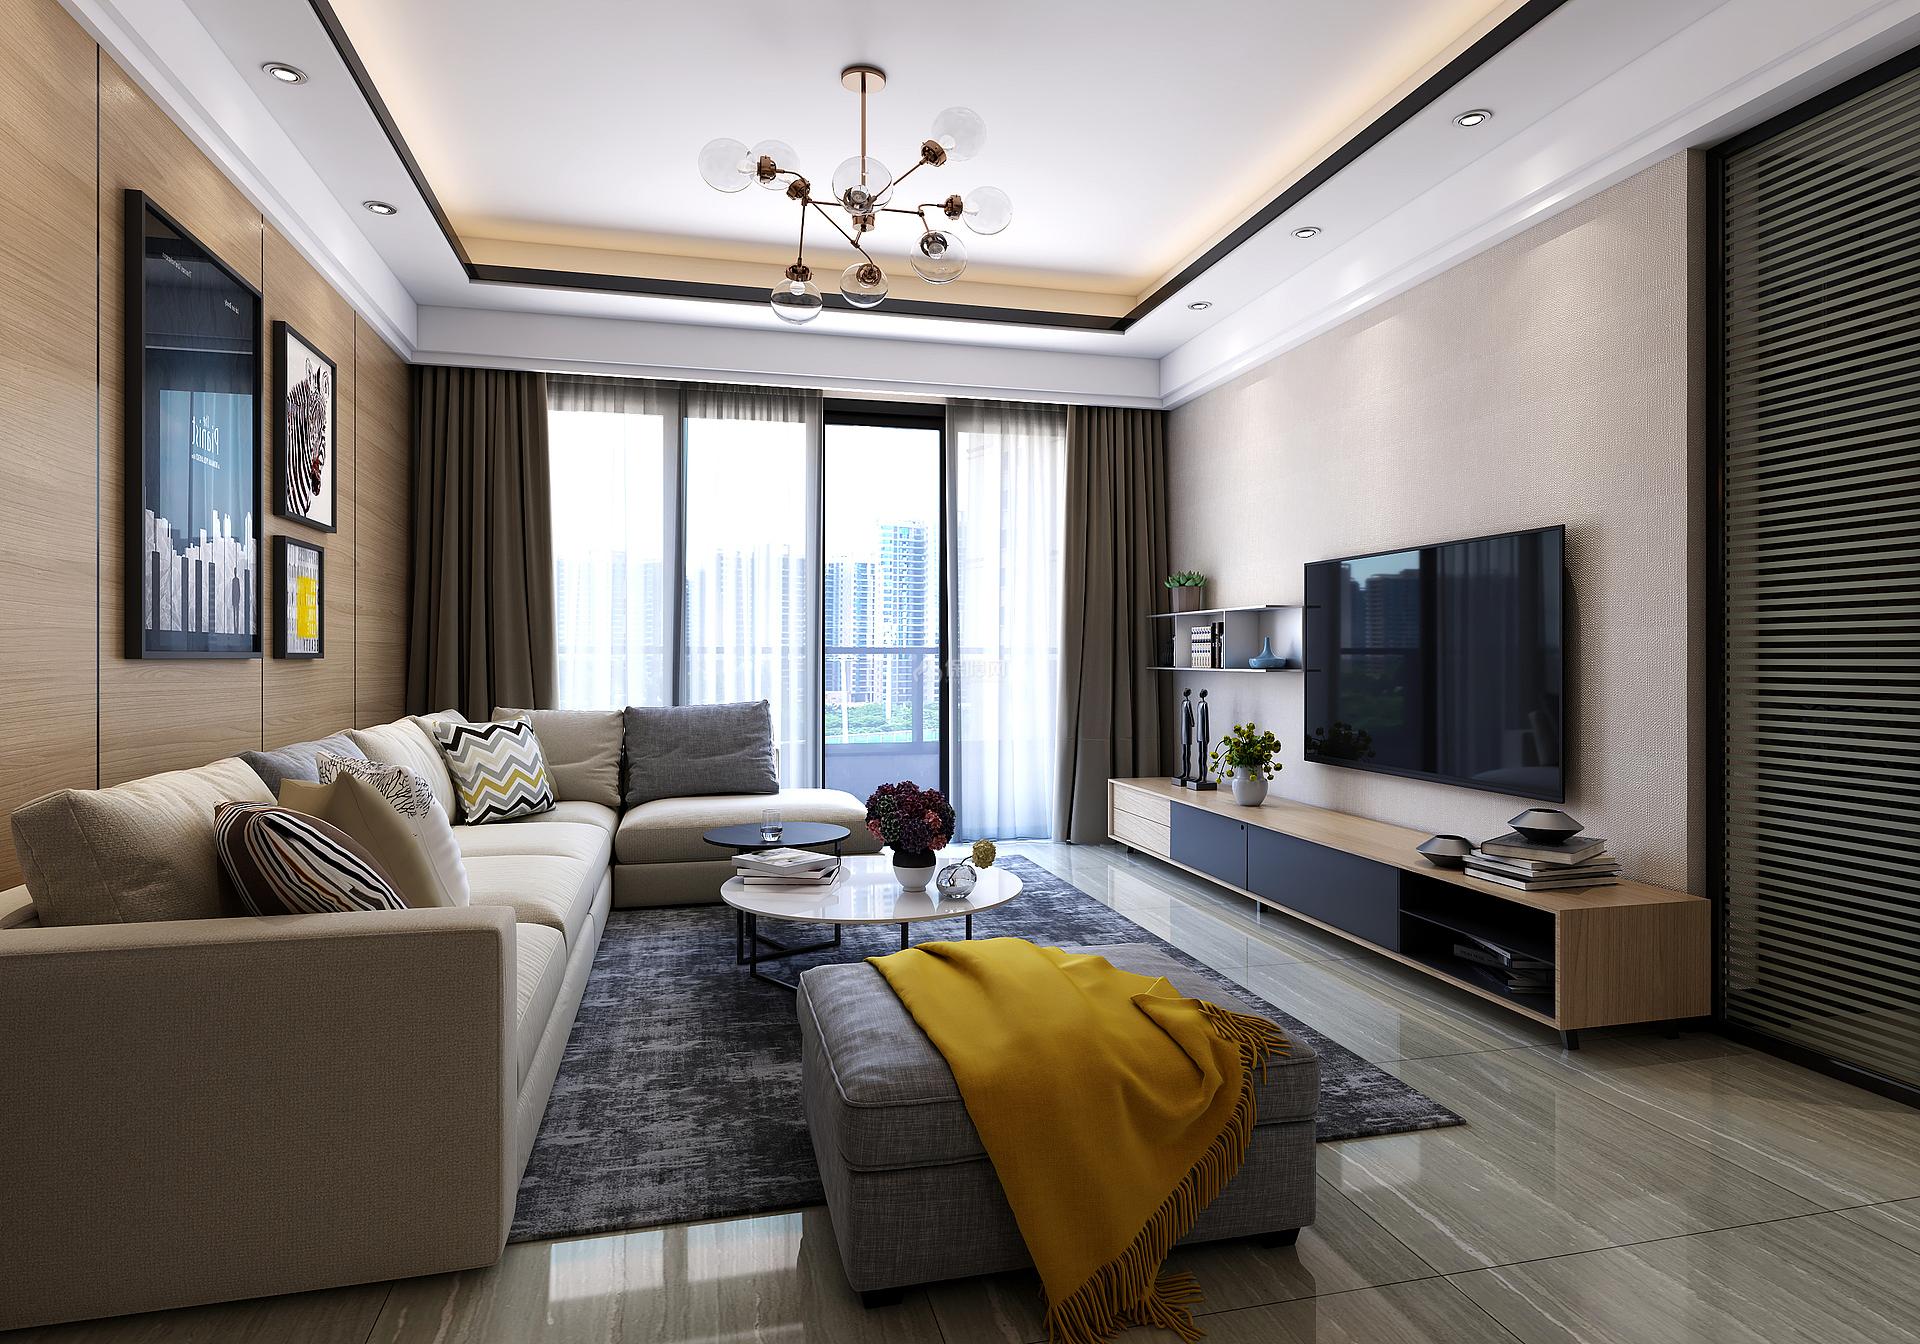 110㎡现代简约三居之客厅装潢布置效果图